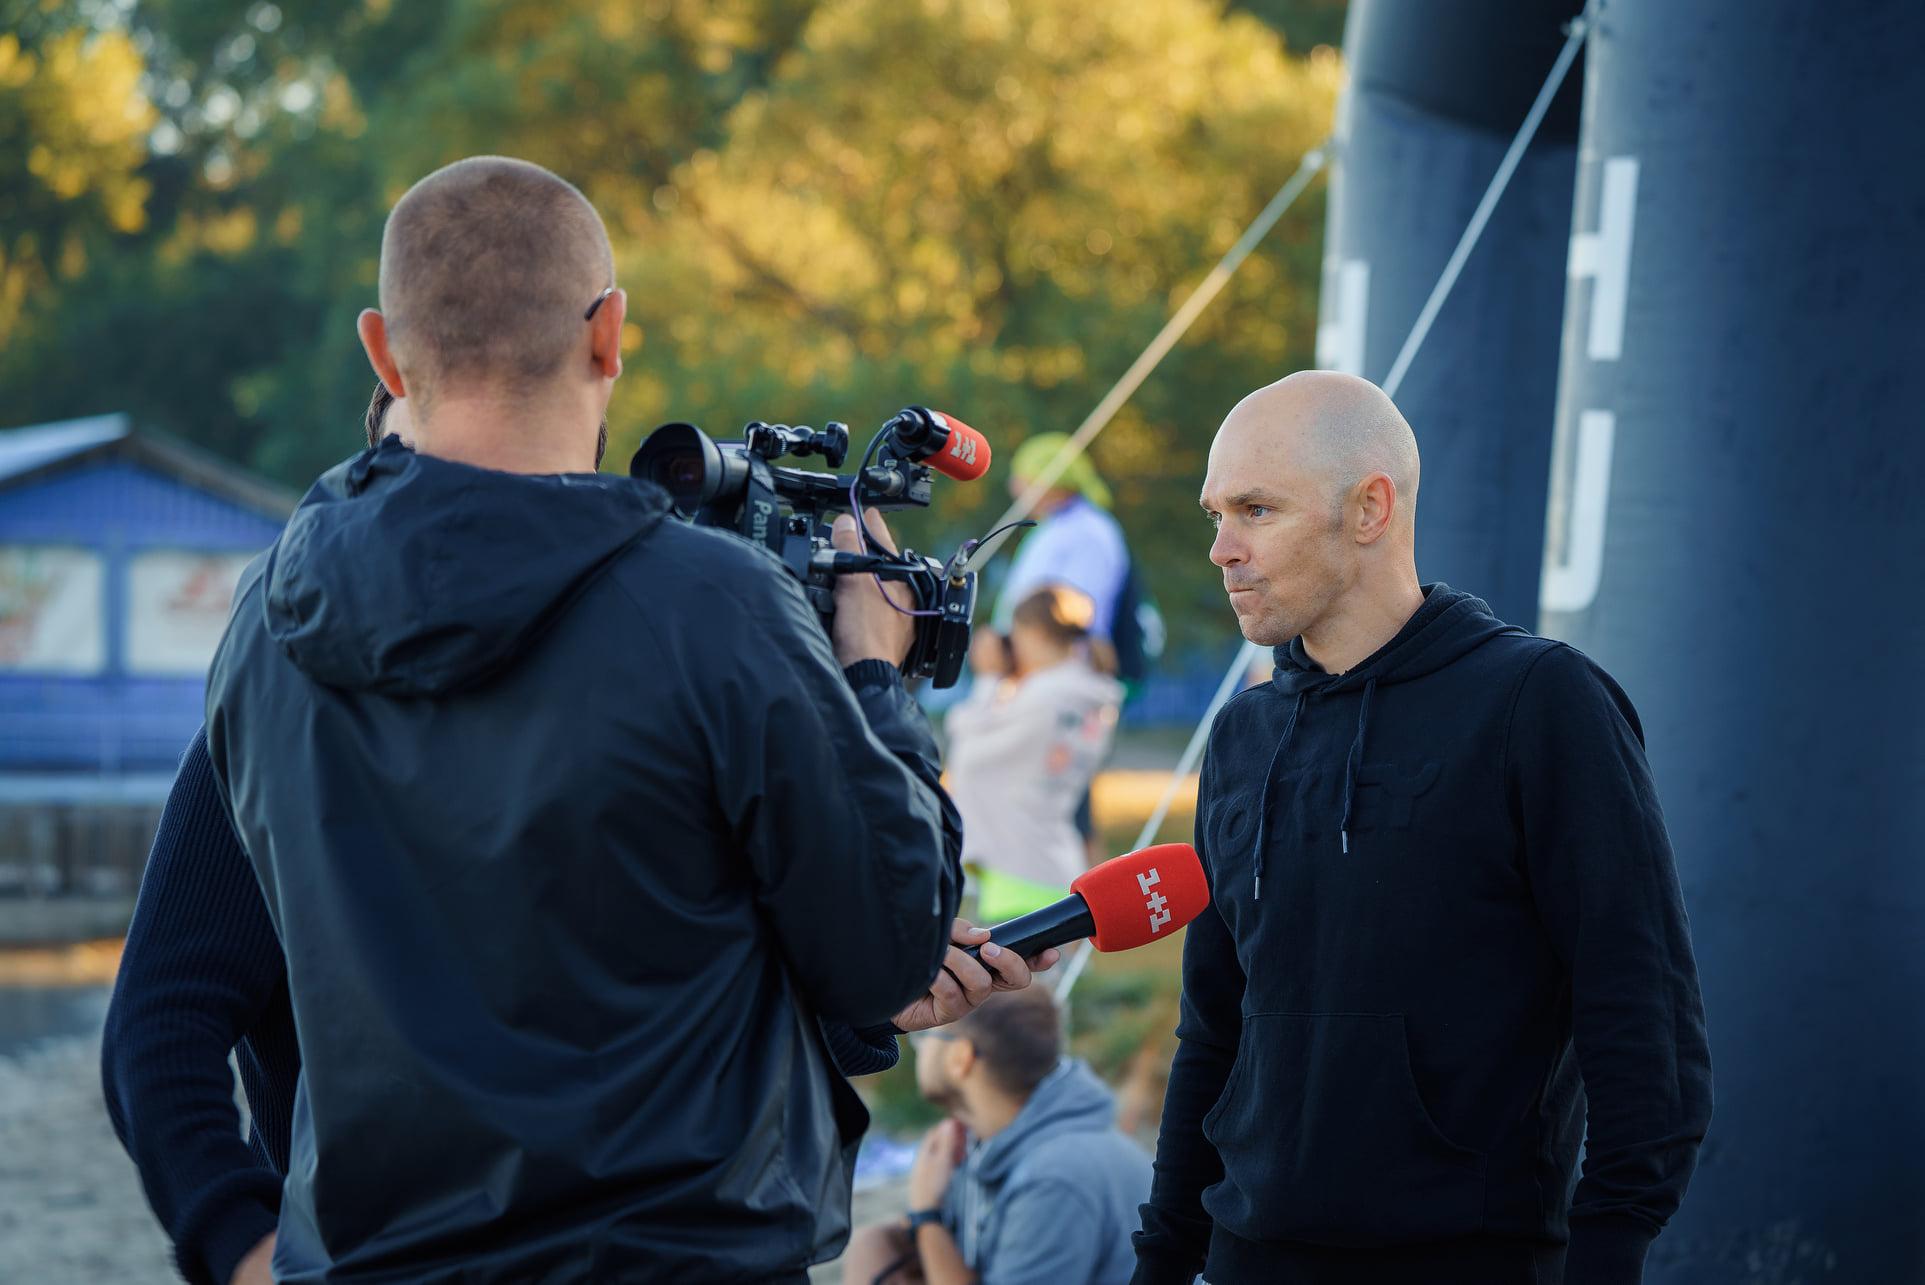 На вихідних в Україні пройдуть міжнародні змагання з екстремального триатлону KYIVMAN